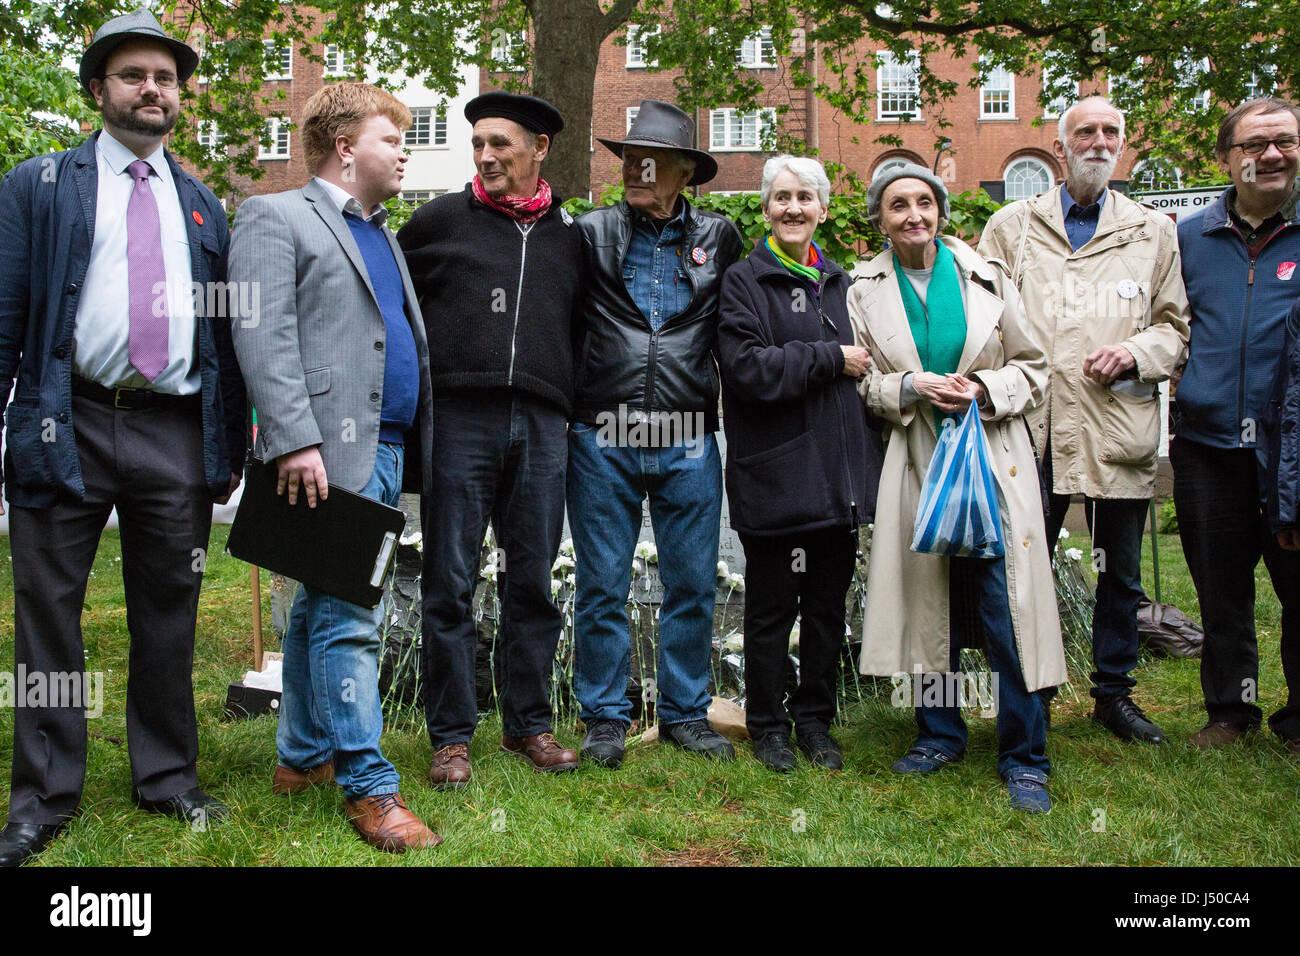 Londres, Royaume-Uni. 15 mai, 2017. Les militants de la paix, y compris Sir Mark Rylance (c), assister à une Photo Stock